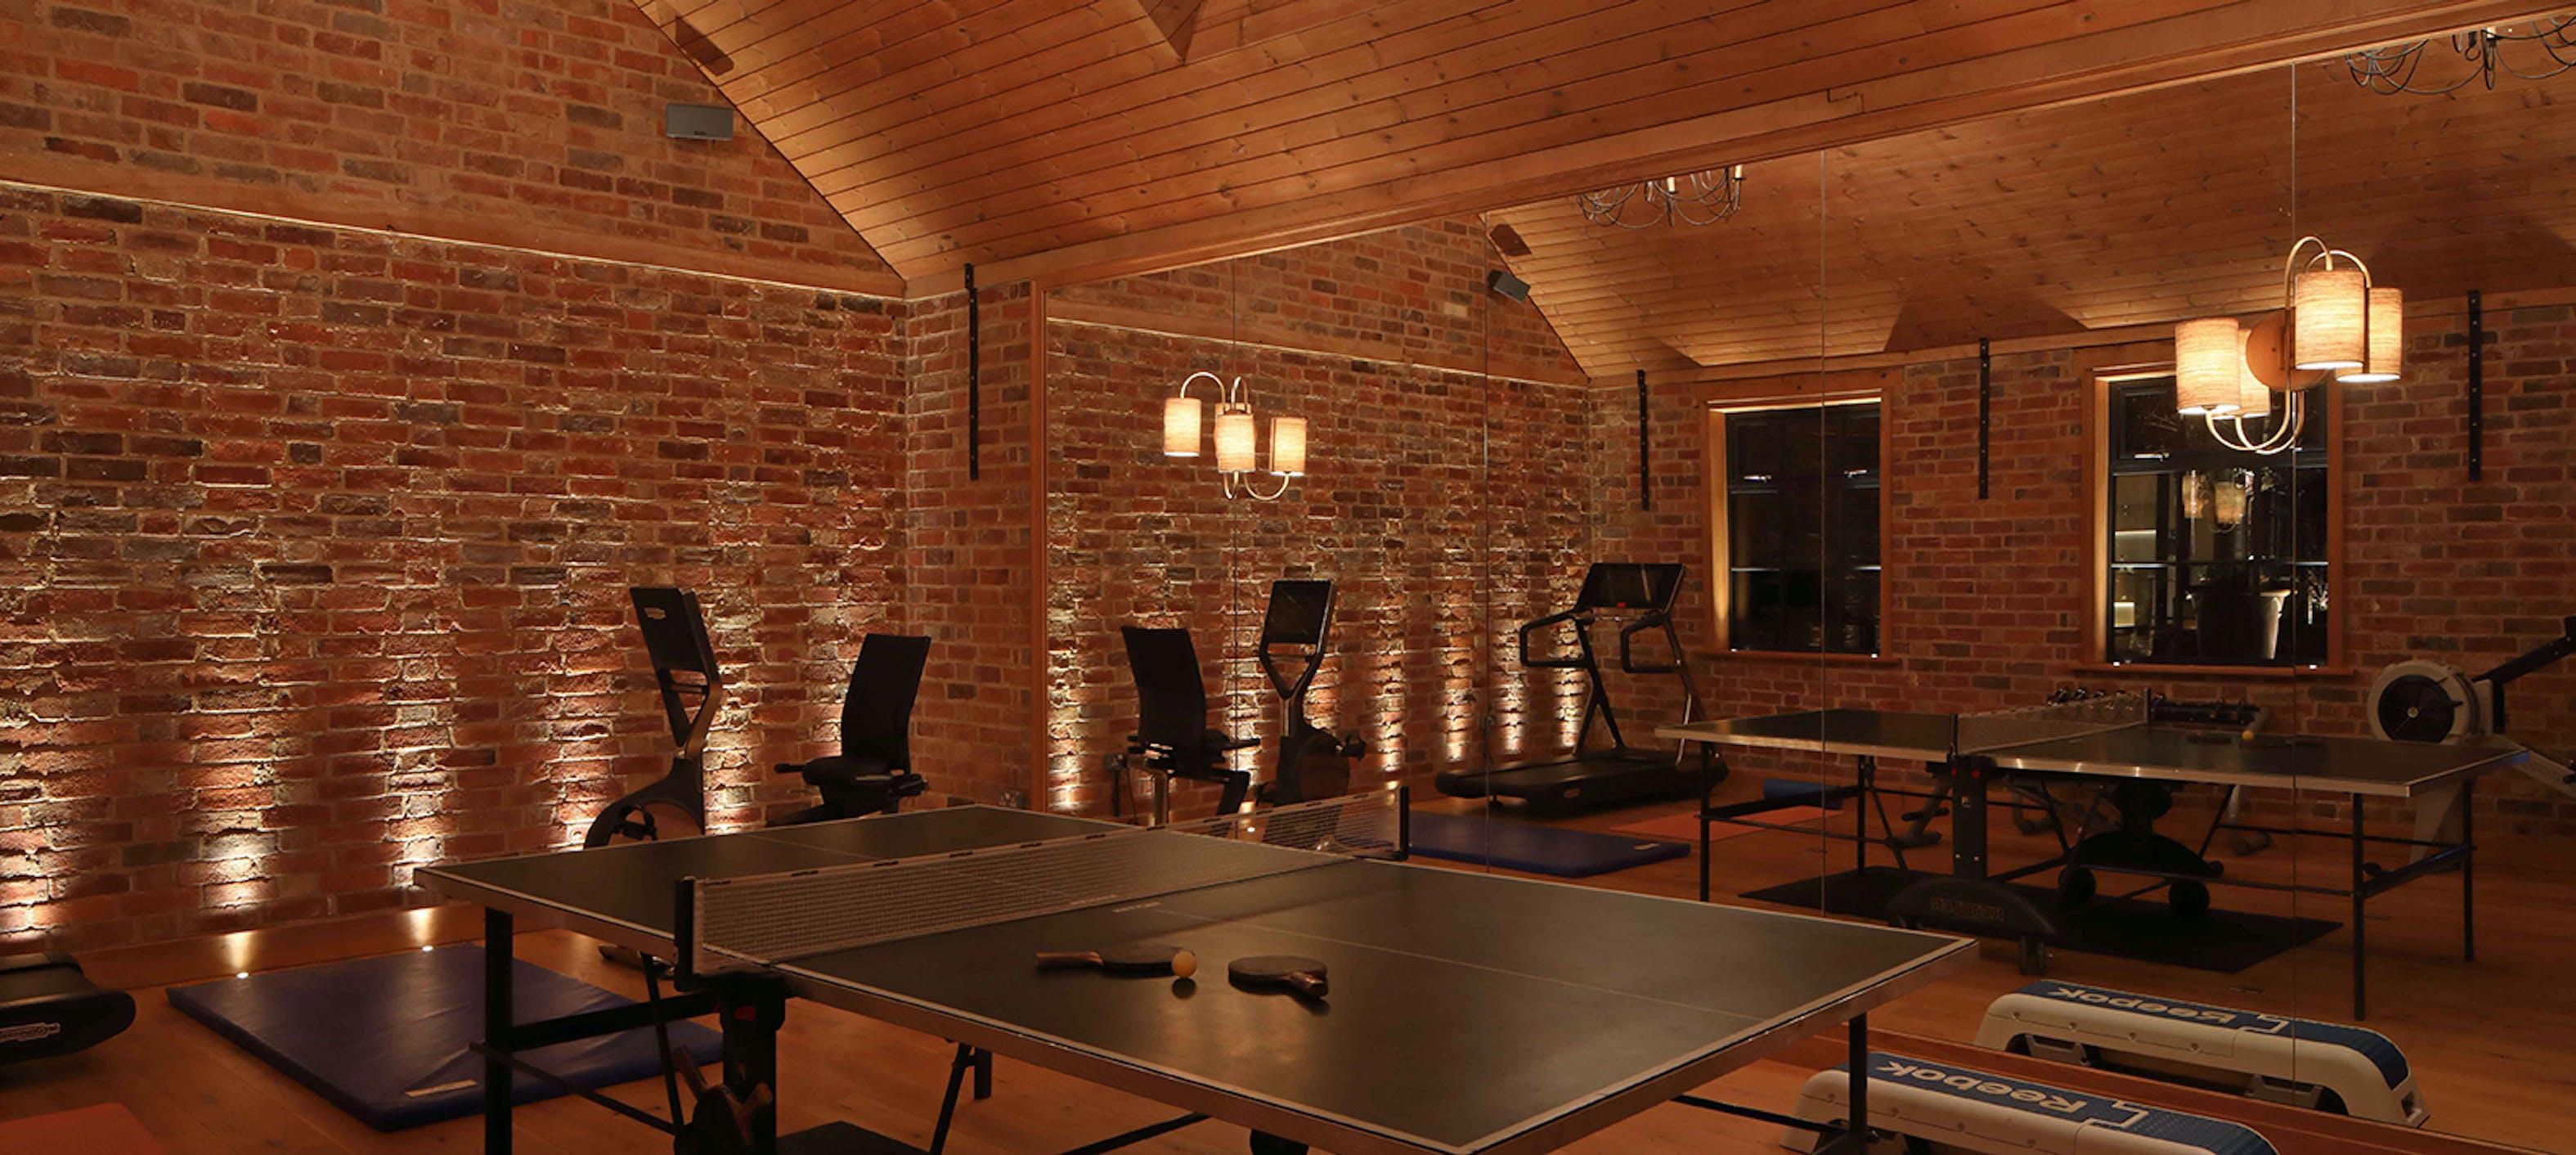 barn gym lighting